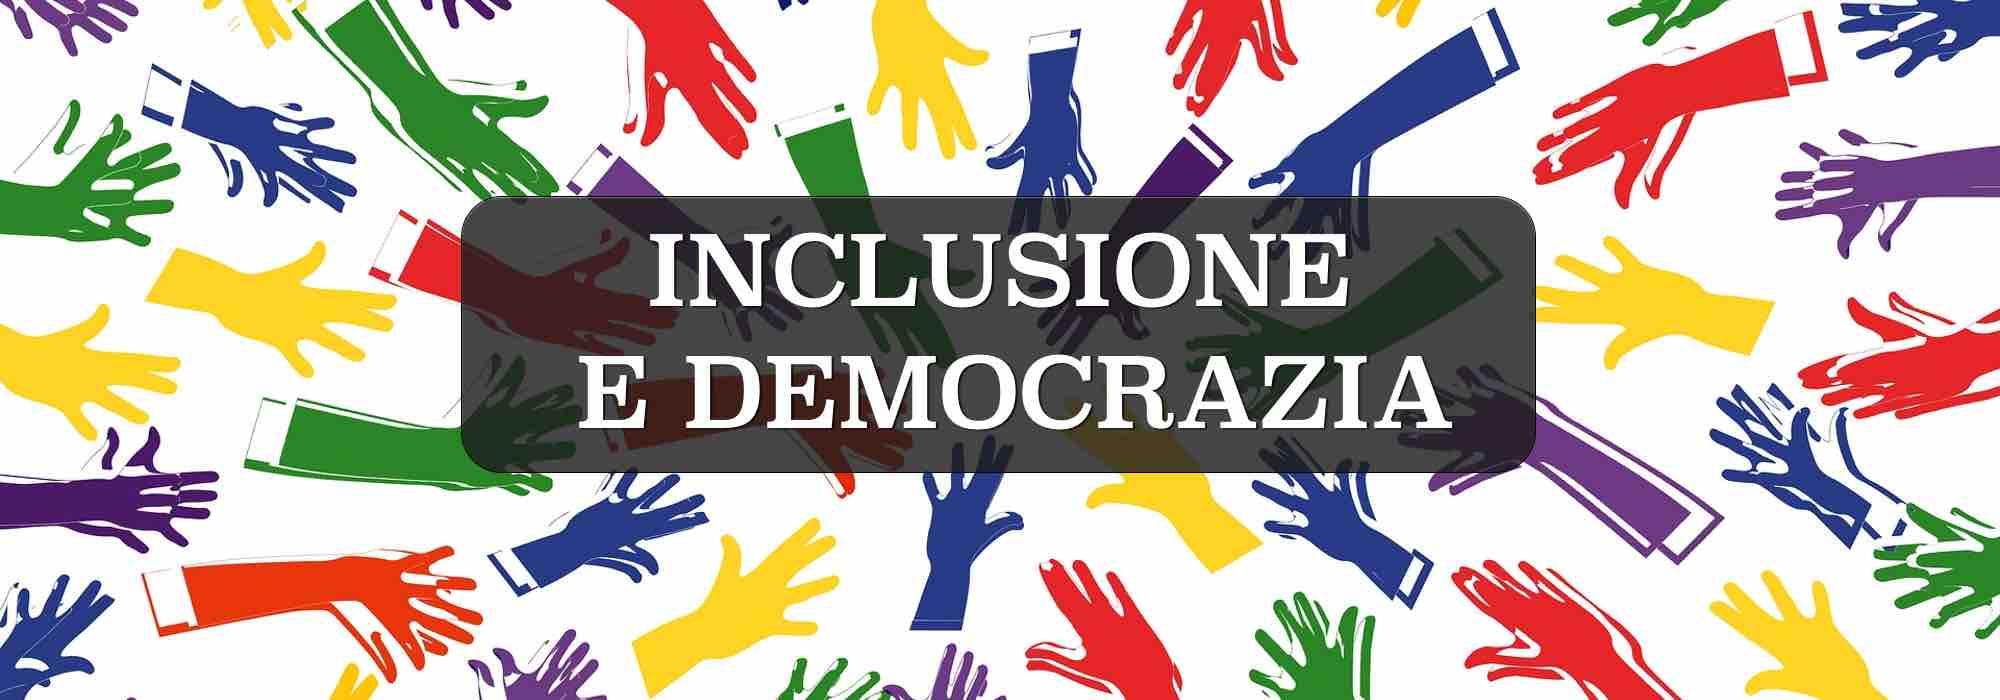 Inclusione e democrazia